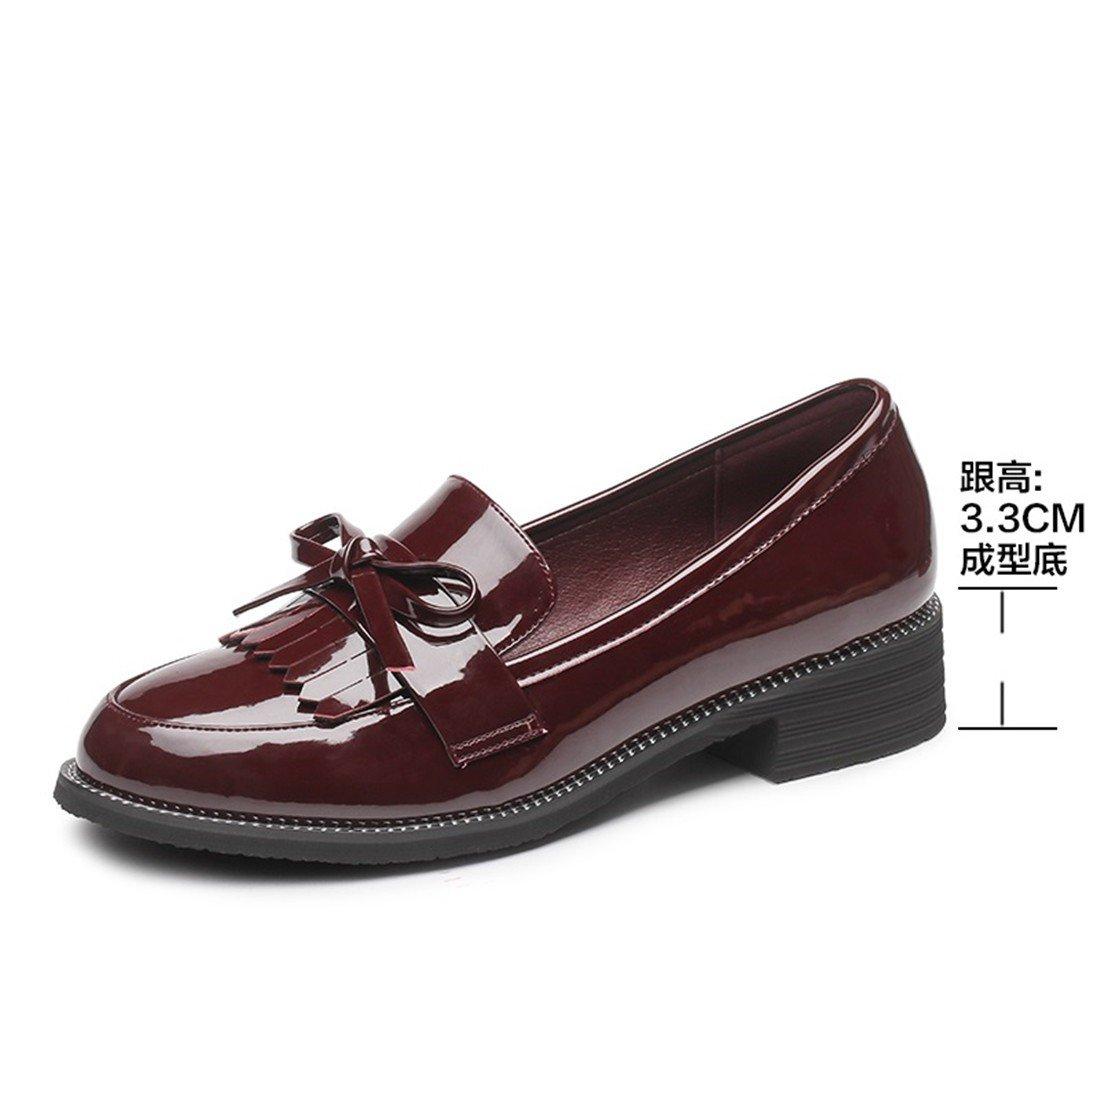 Frühlings runder Kopf mit flach Schuh Schuh flach Quaste Kleine Lederschuhe weiblich seichten Mund dick mit Schuhen, Wein rot, 39 - 5ed98d